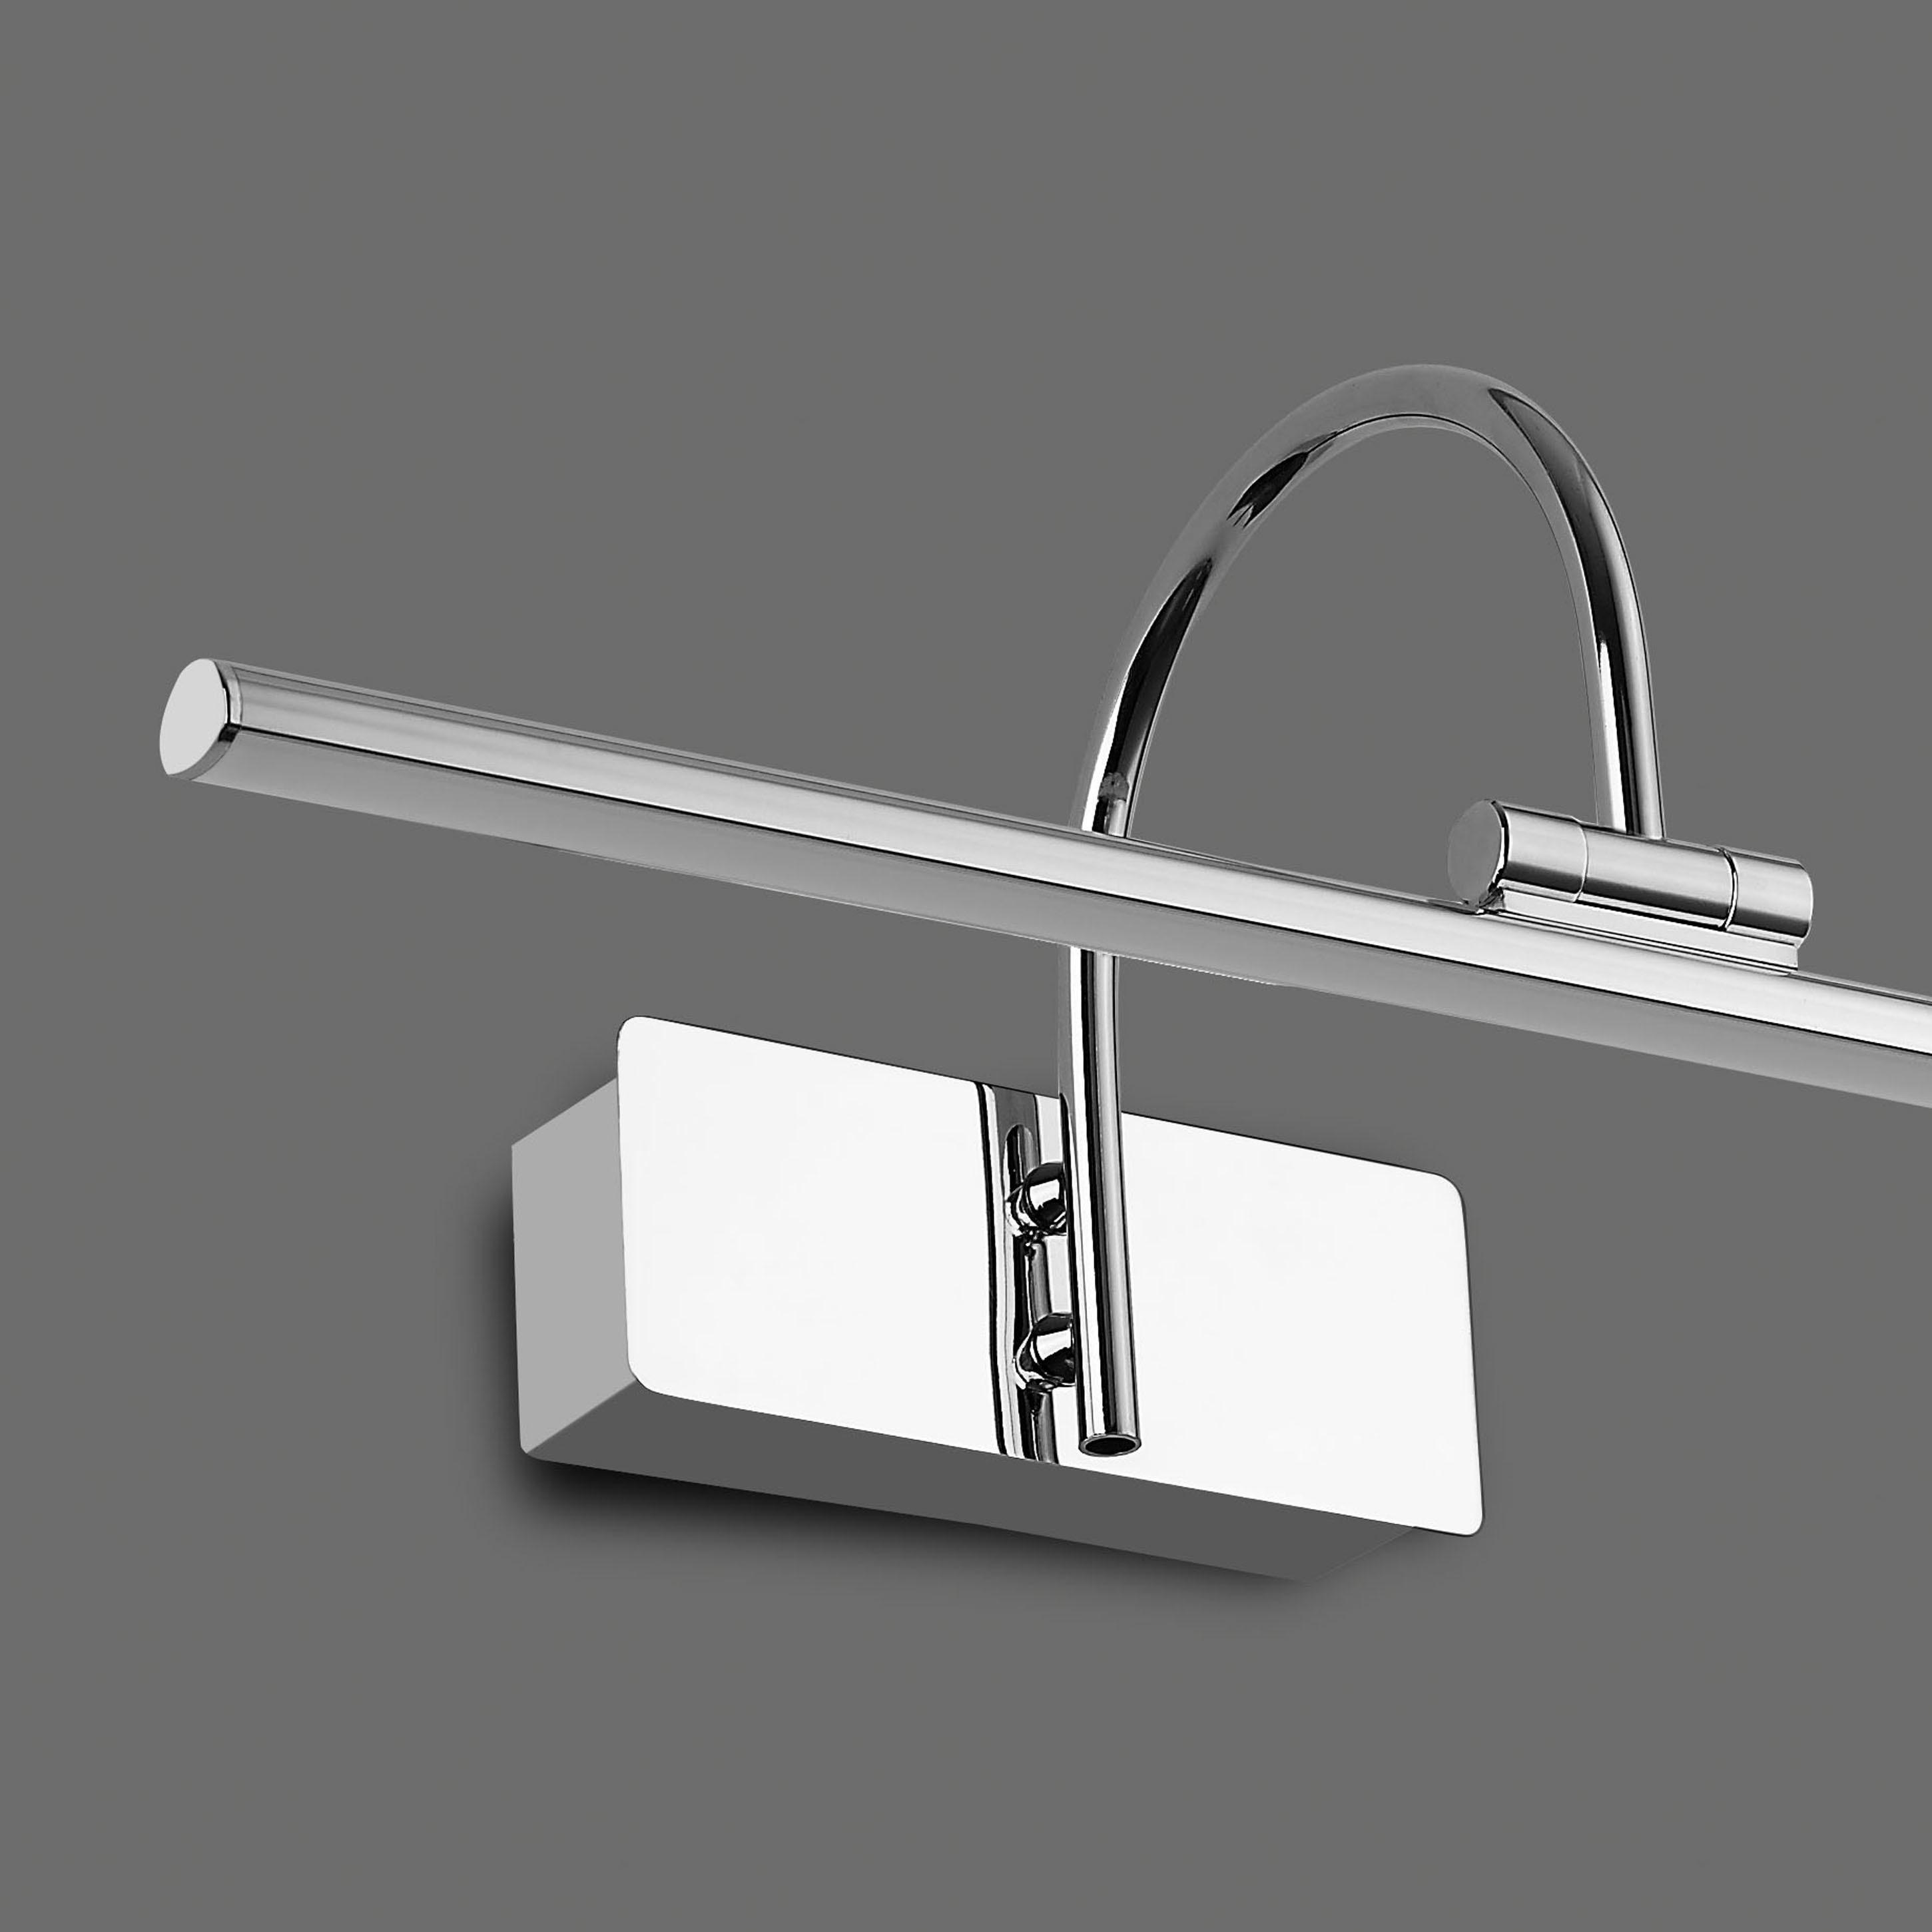 Настенный светильник для подсветки картин Mantra Paracuru 6381, хром, металл, пластик - фото 3